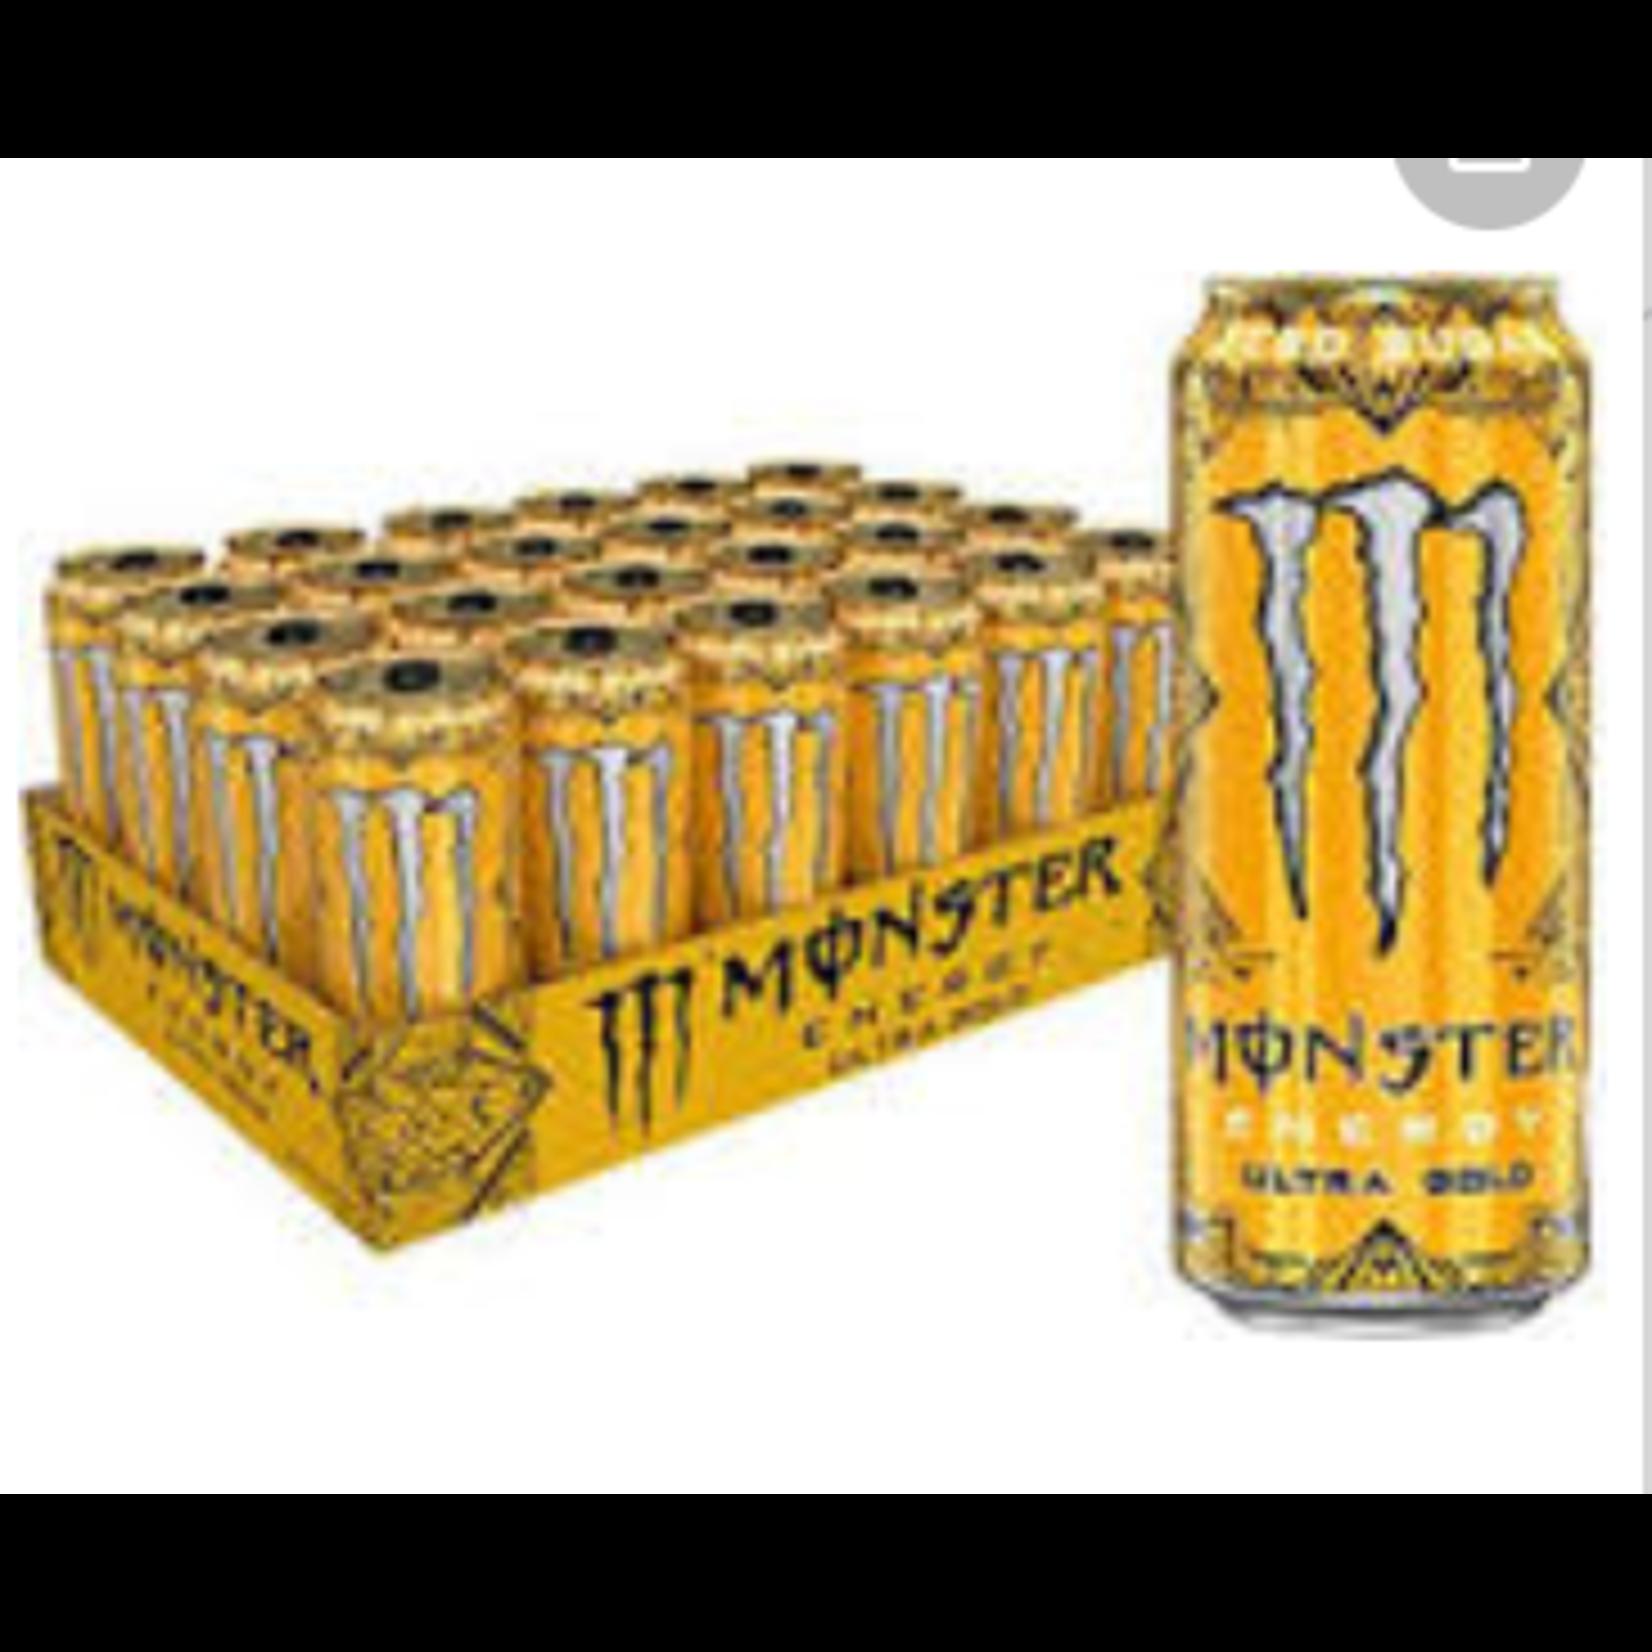 16 oz Monster Energy Ultra Gold